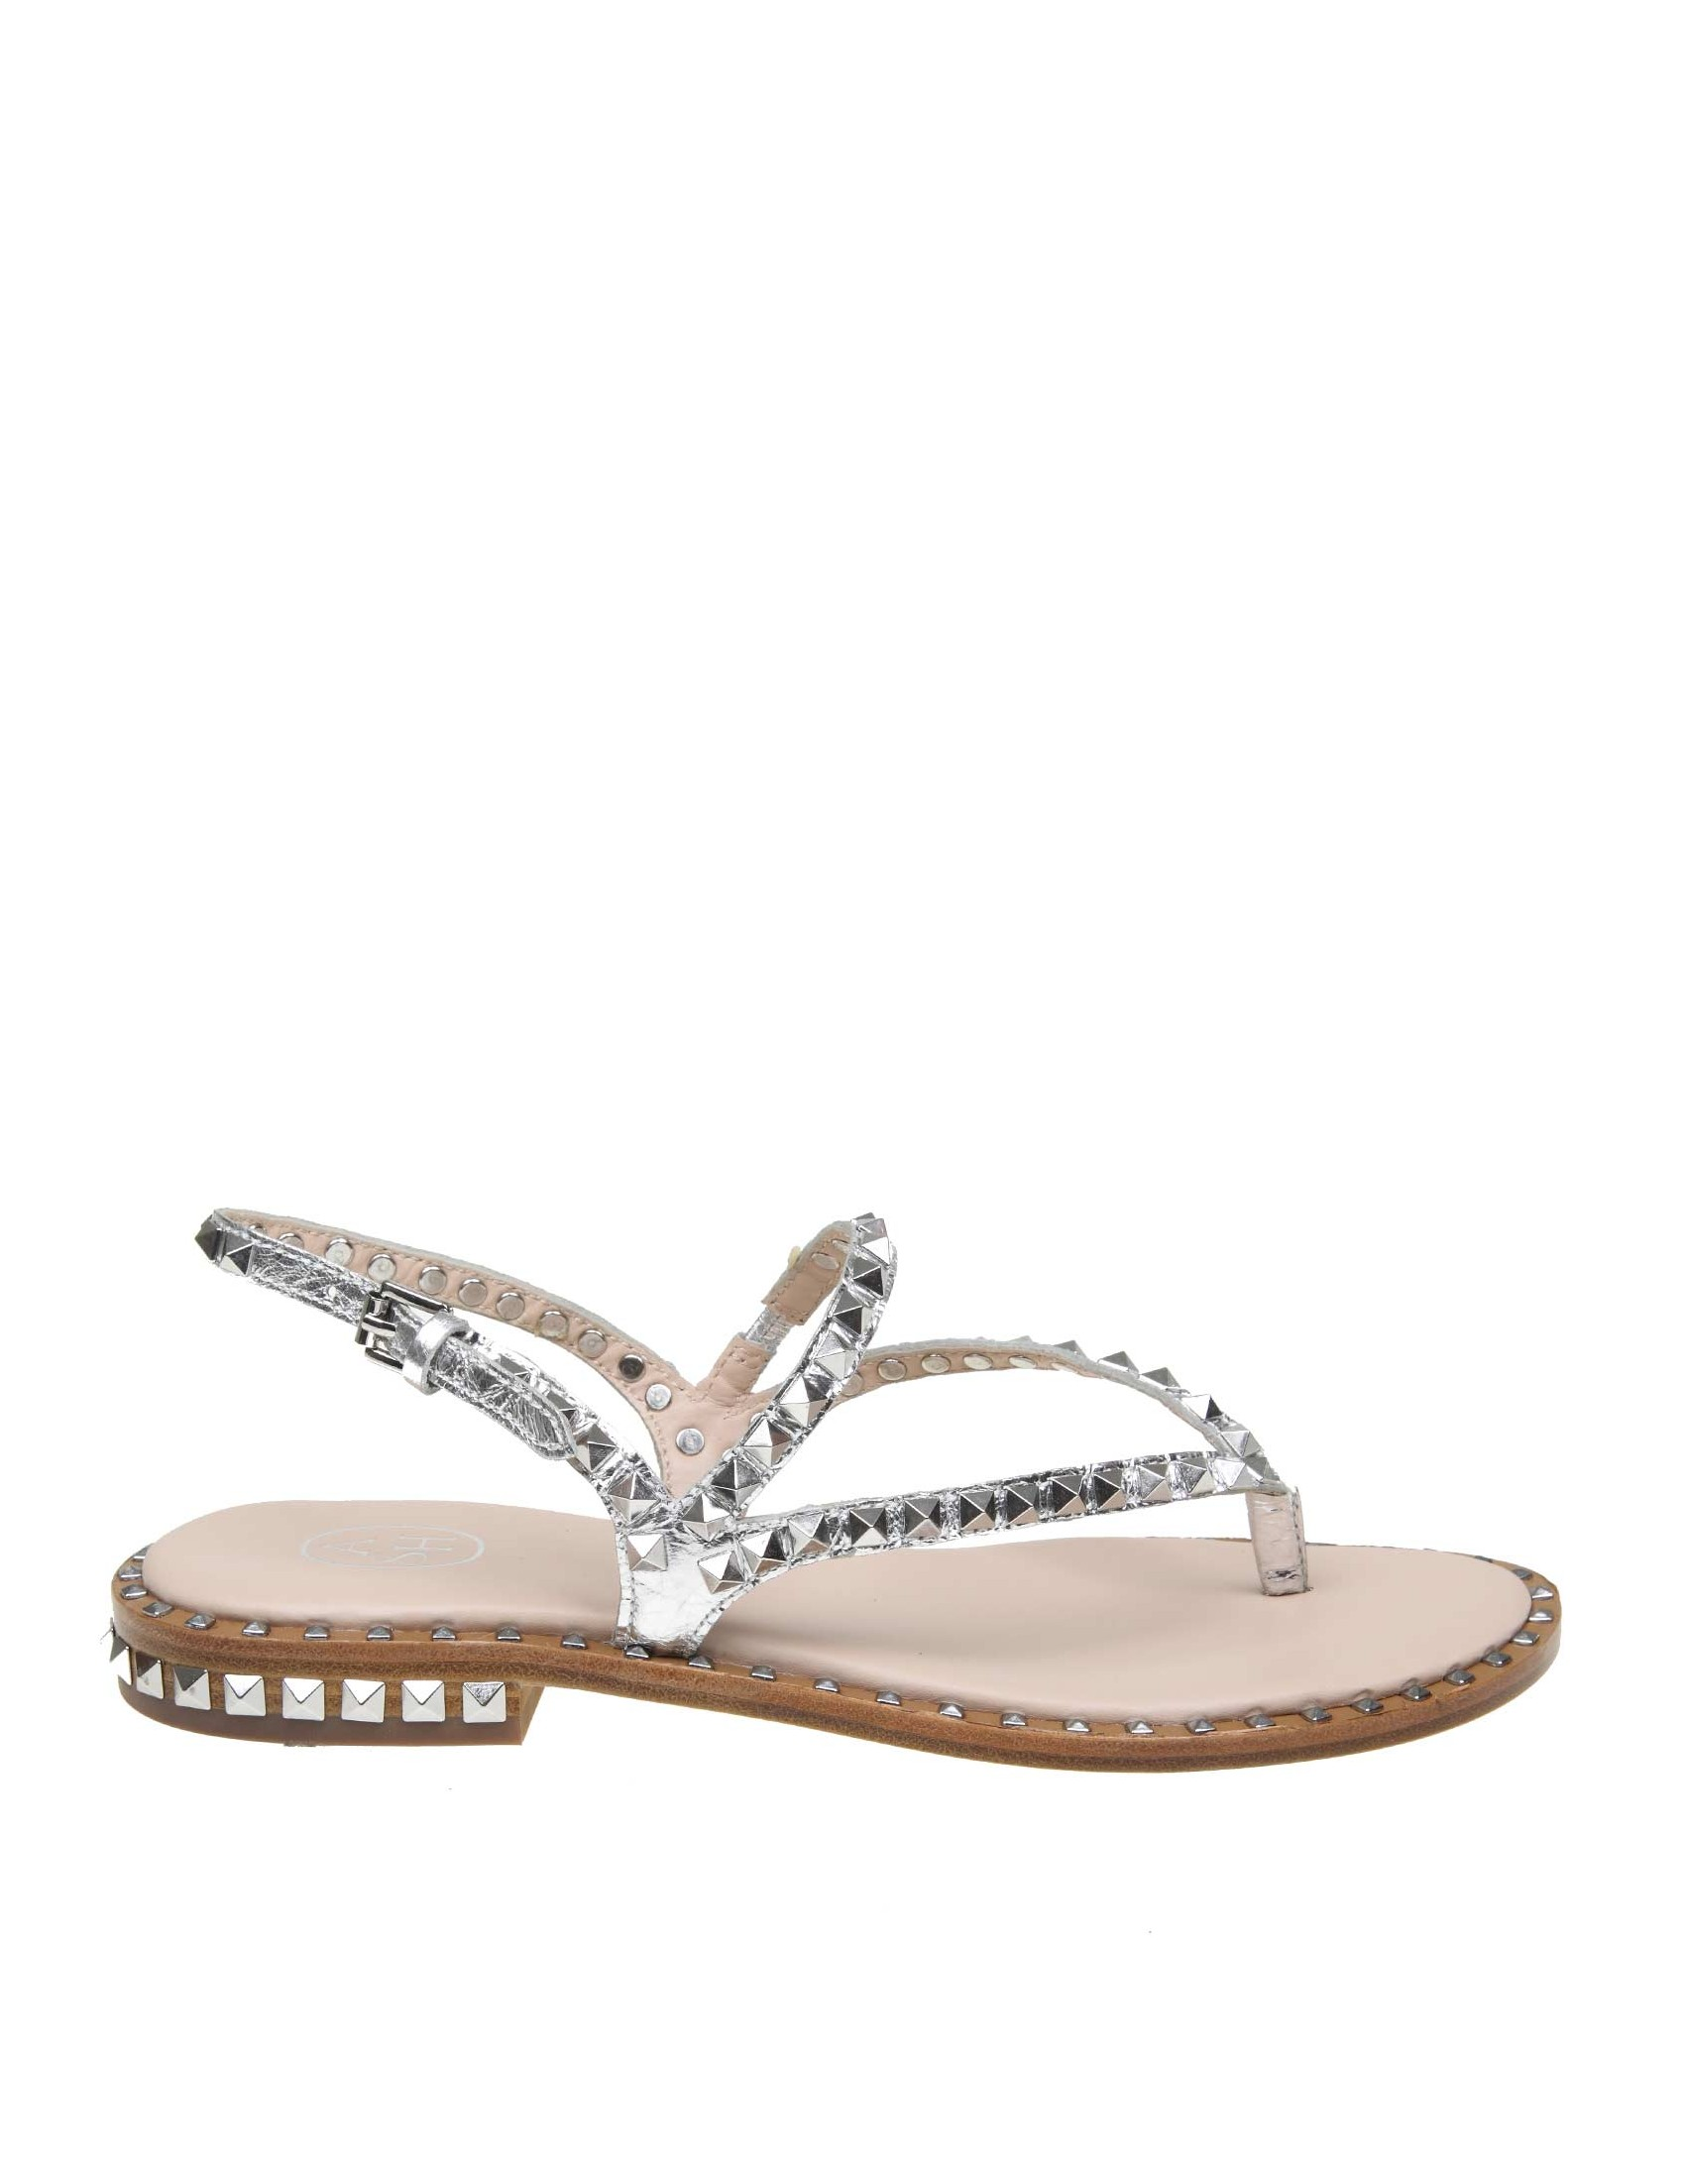 Ash Peps Colore Sandalo Pelle Laminata Argento In N80wOnvm